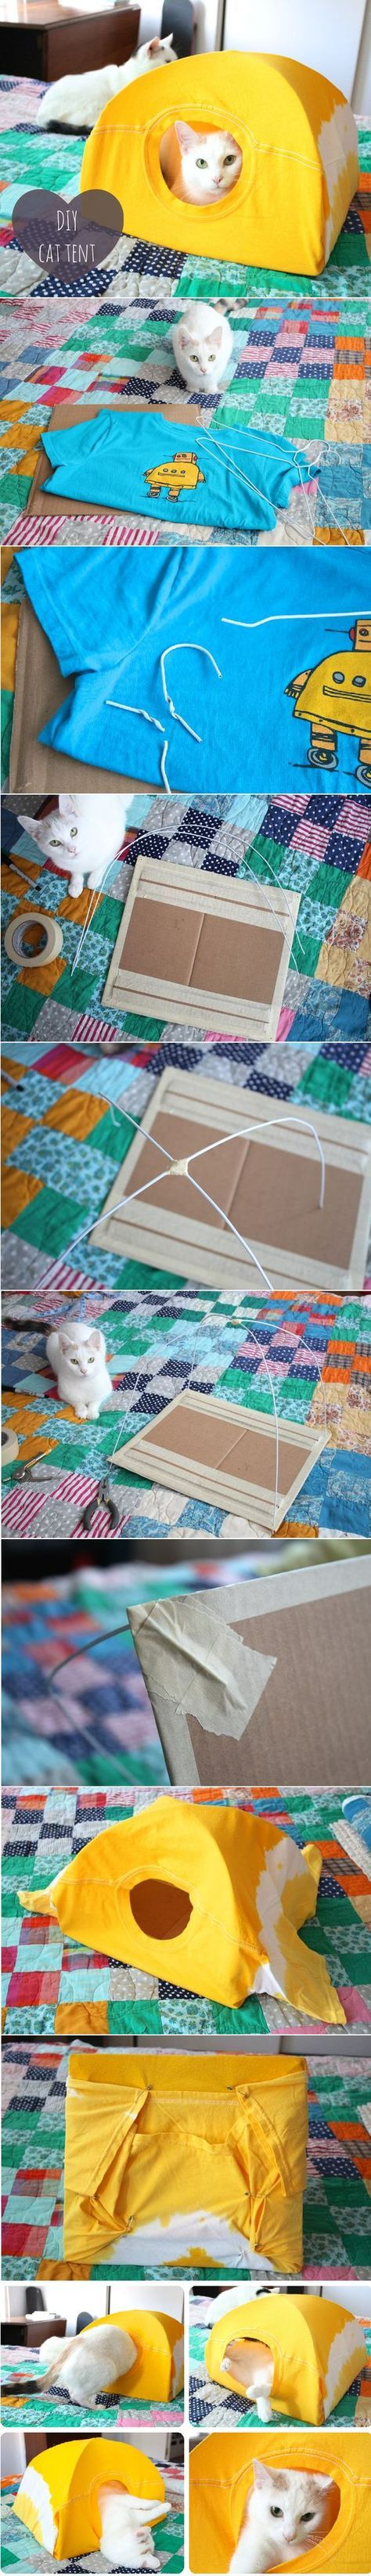 15 Super Fun DIY Cat Tent Ideas to Pursue